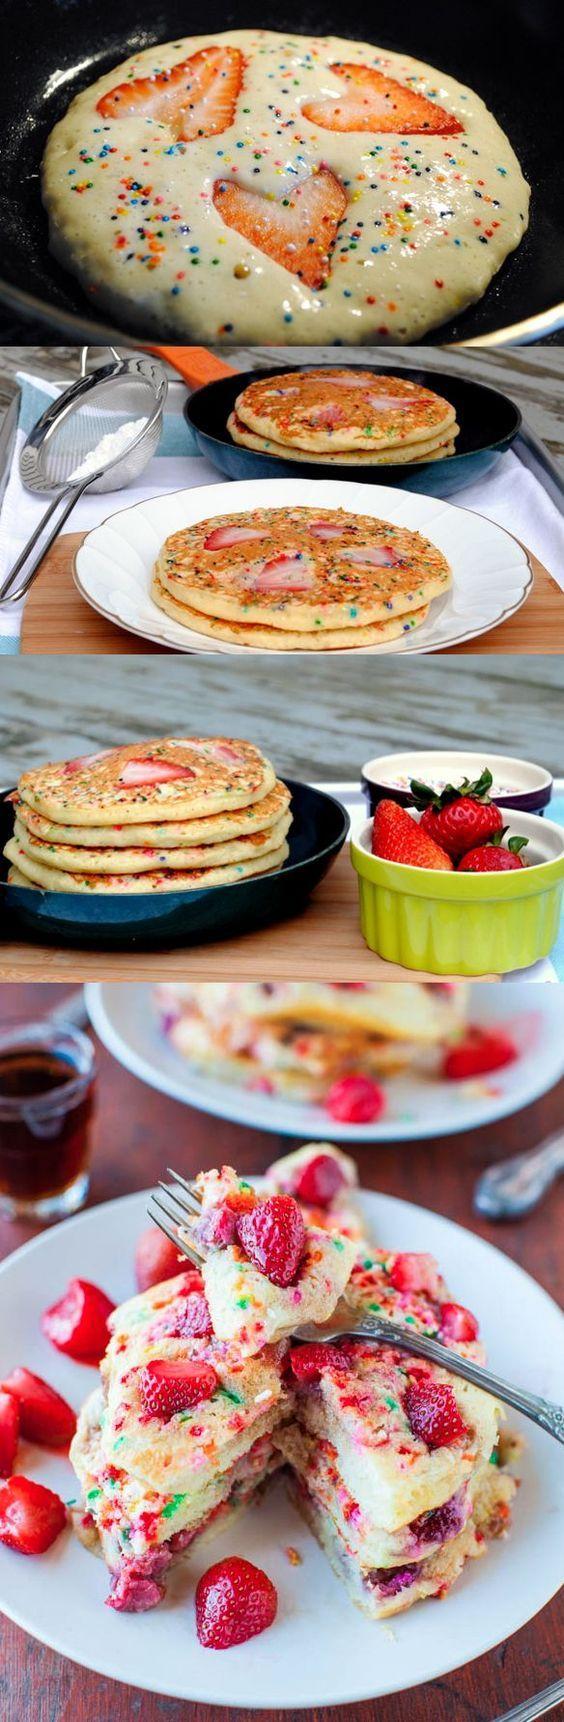 Erdbeer Pfannkuchen Geburtstags Torte - Einfach aber sooo schön *** Strawberry sprinkles funfetti Pancakes Breakfast